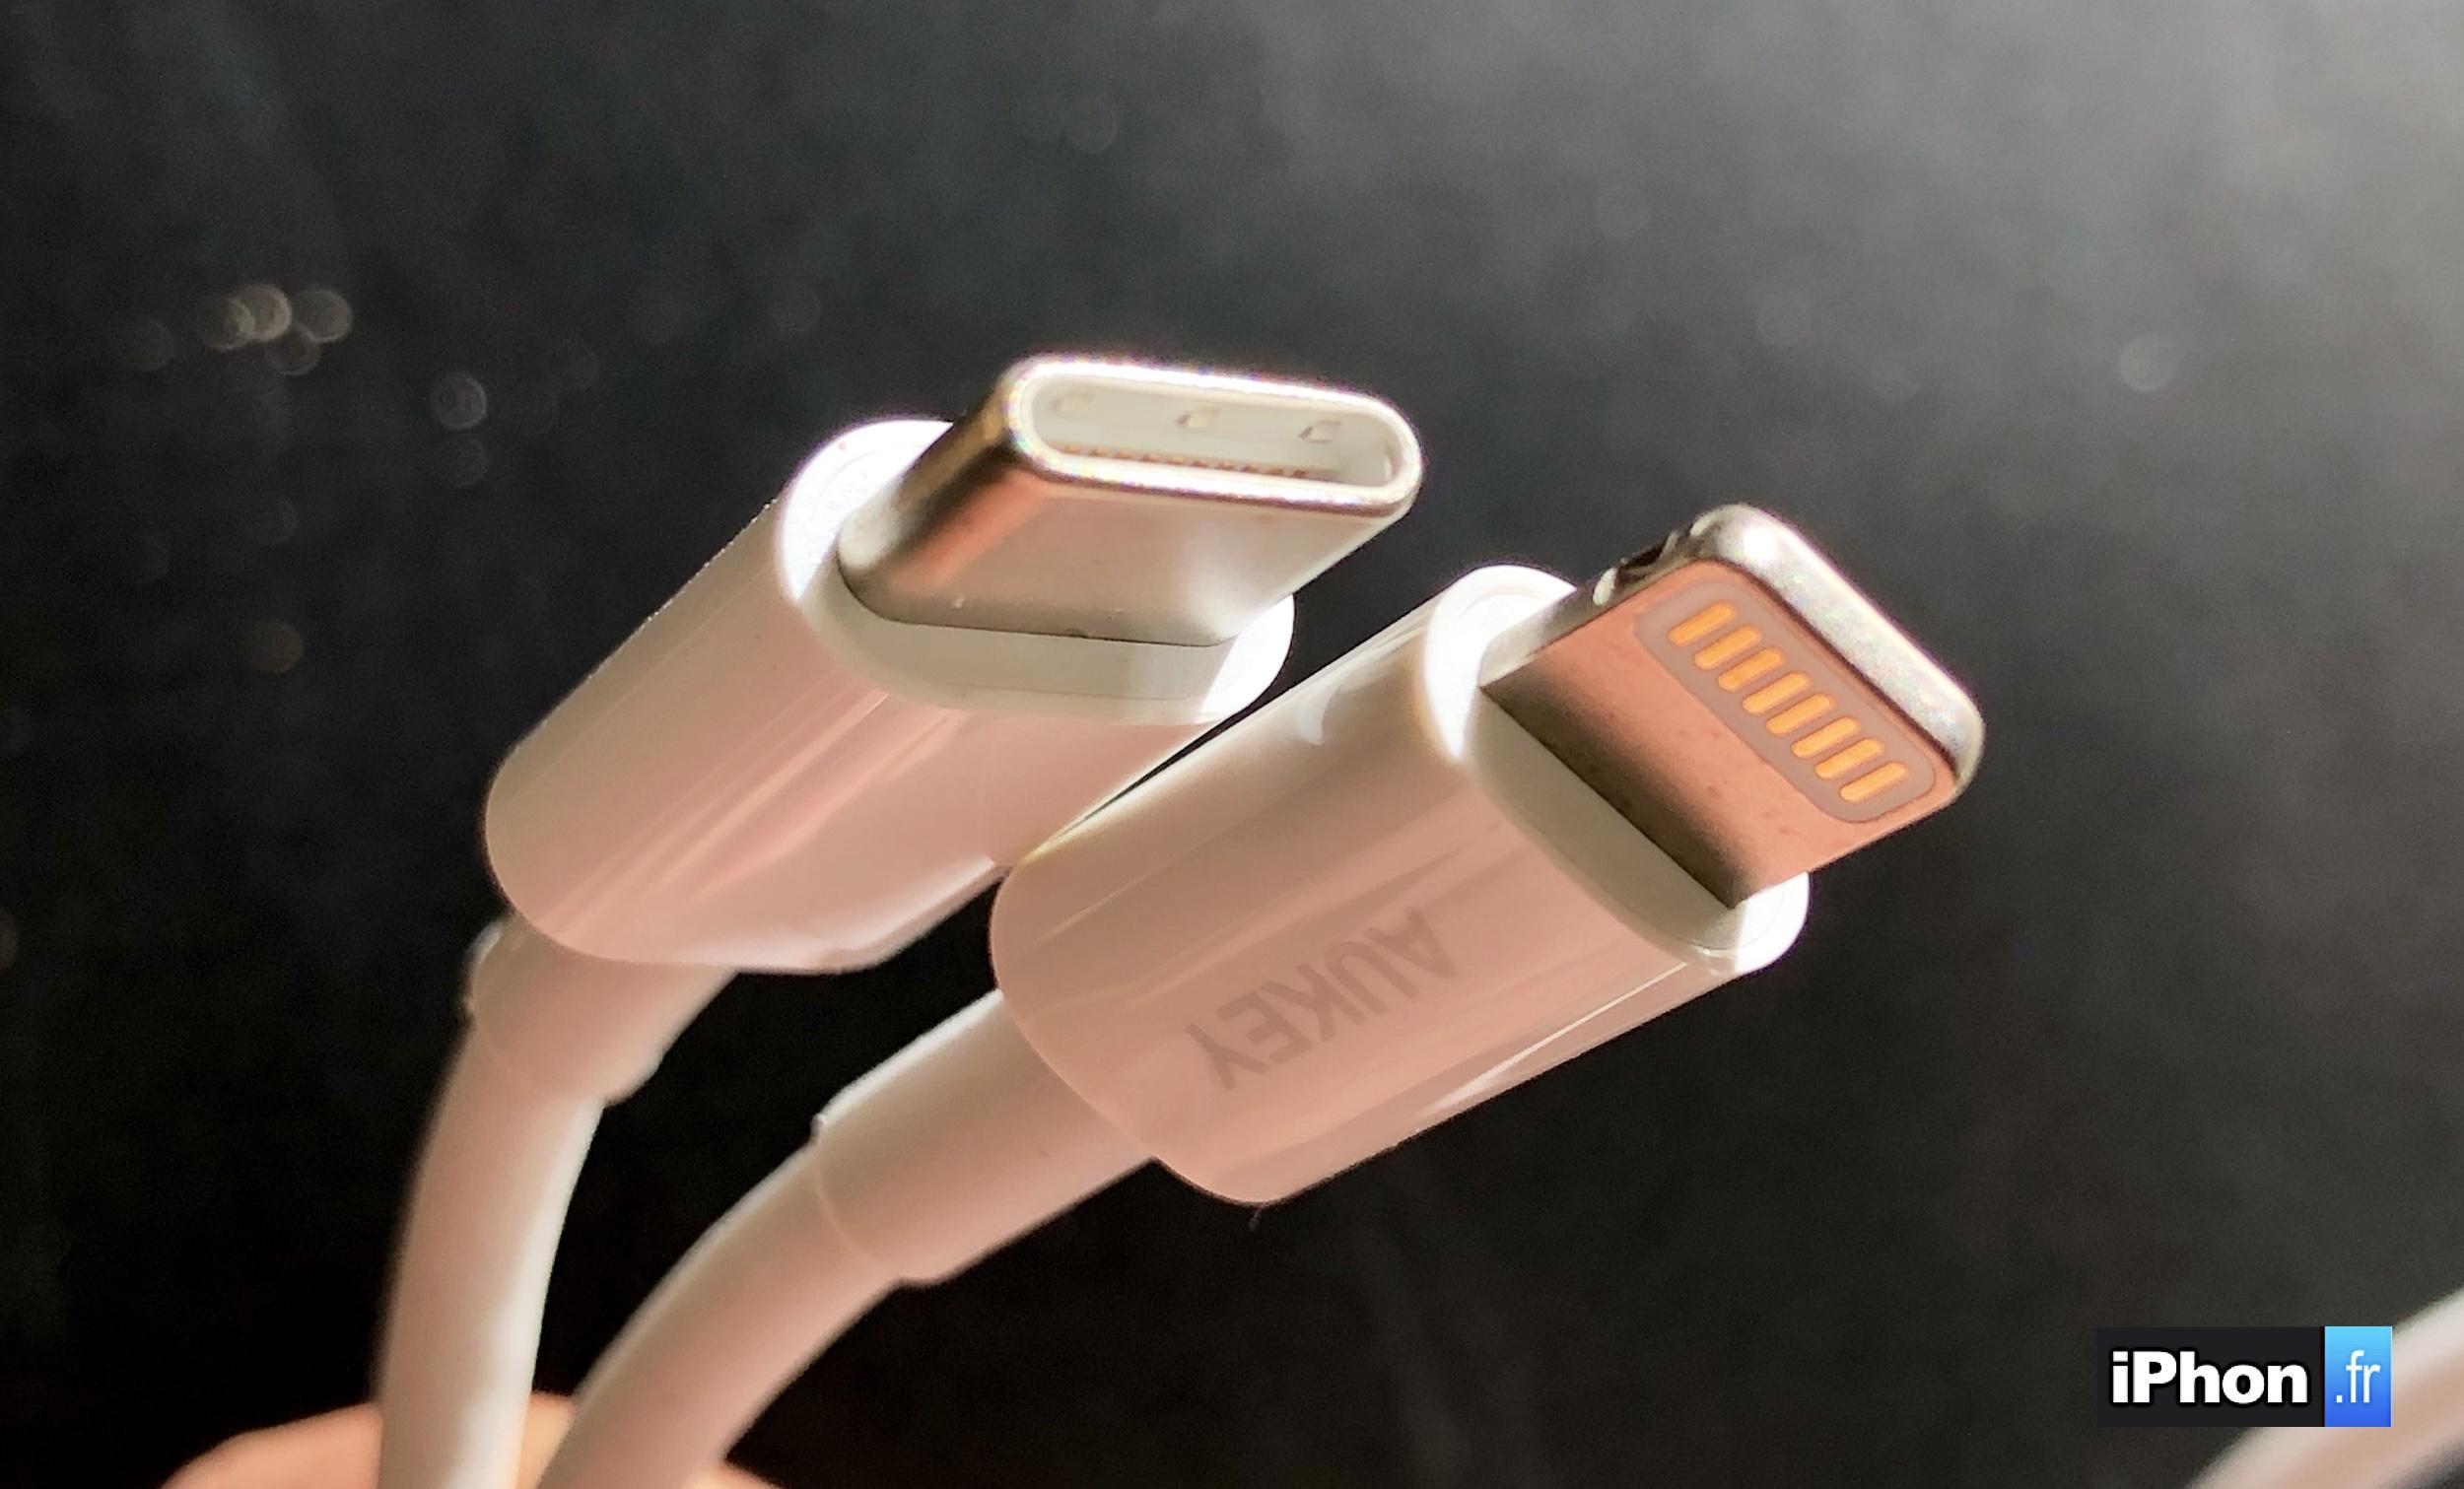 Rumeurs : un nouvel iPod Touch et de l'USB-C à la place du Lightning pour les iPhone 2019 1